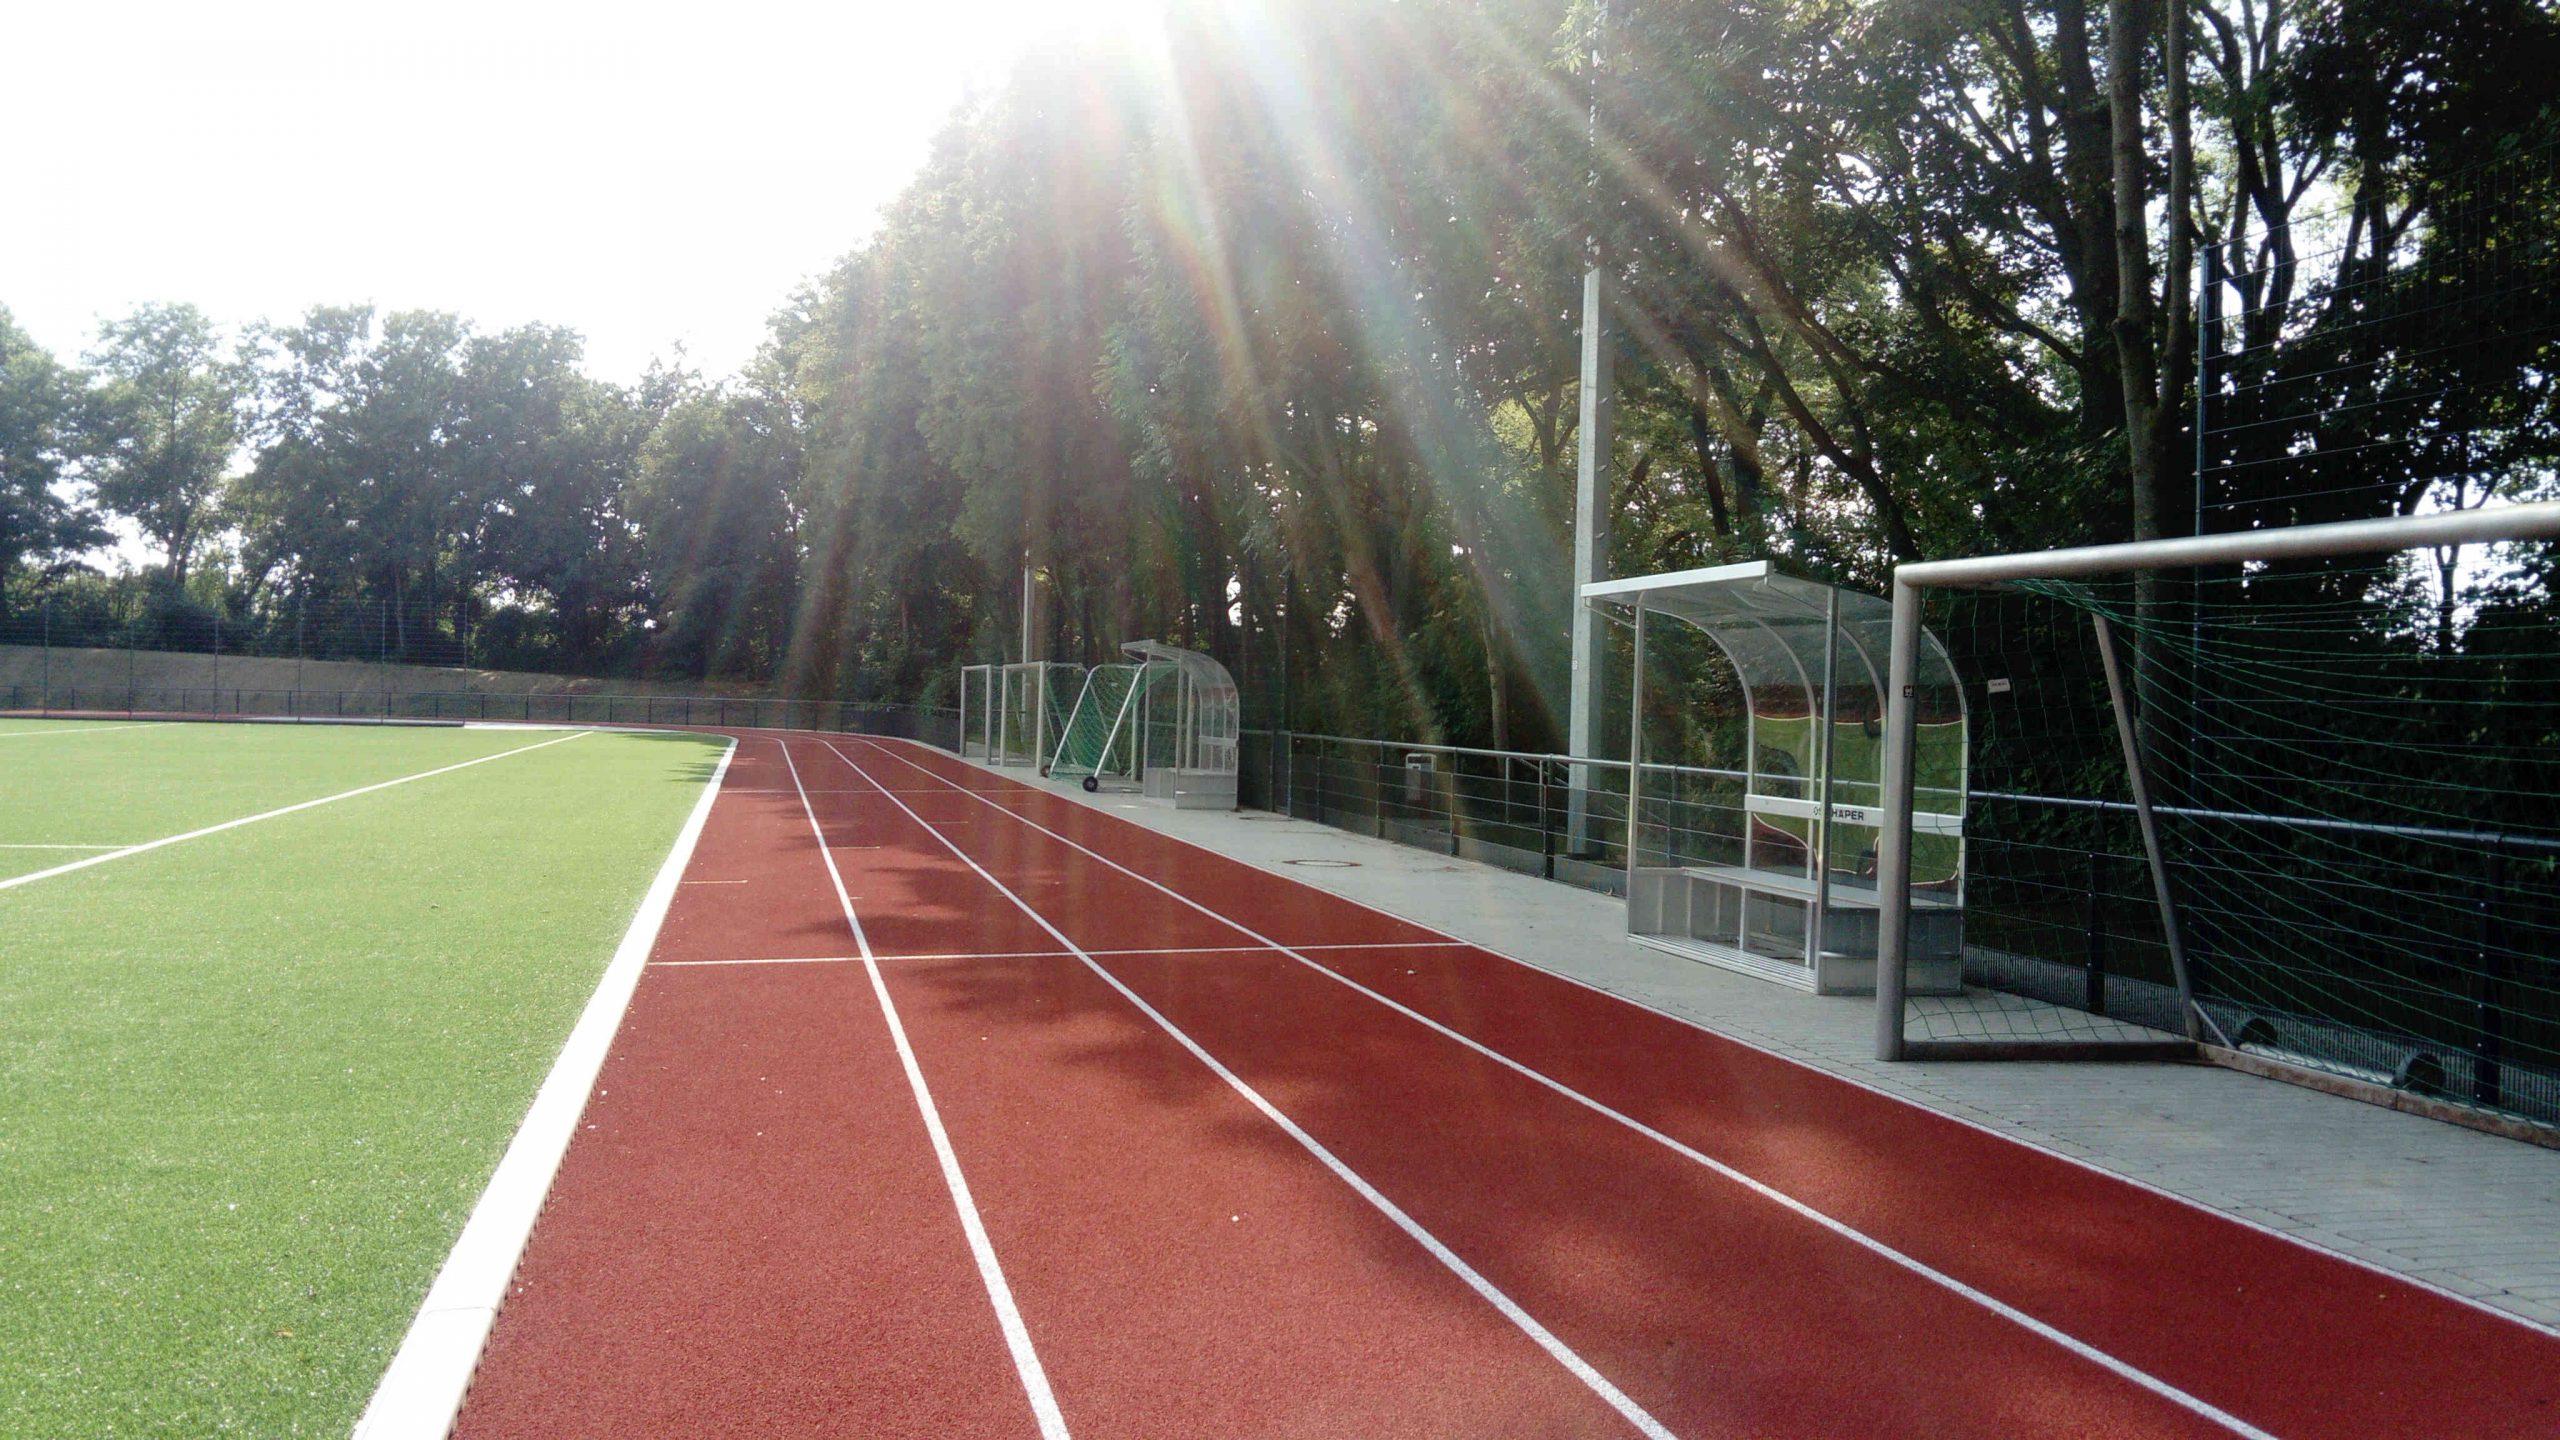 Die moderne Auswechselbank schützt sogar vor Sonne.